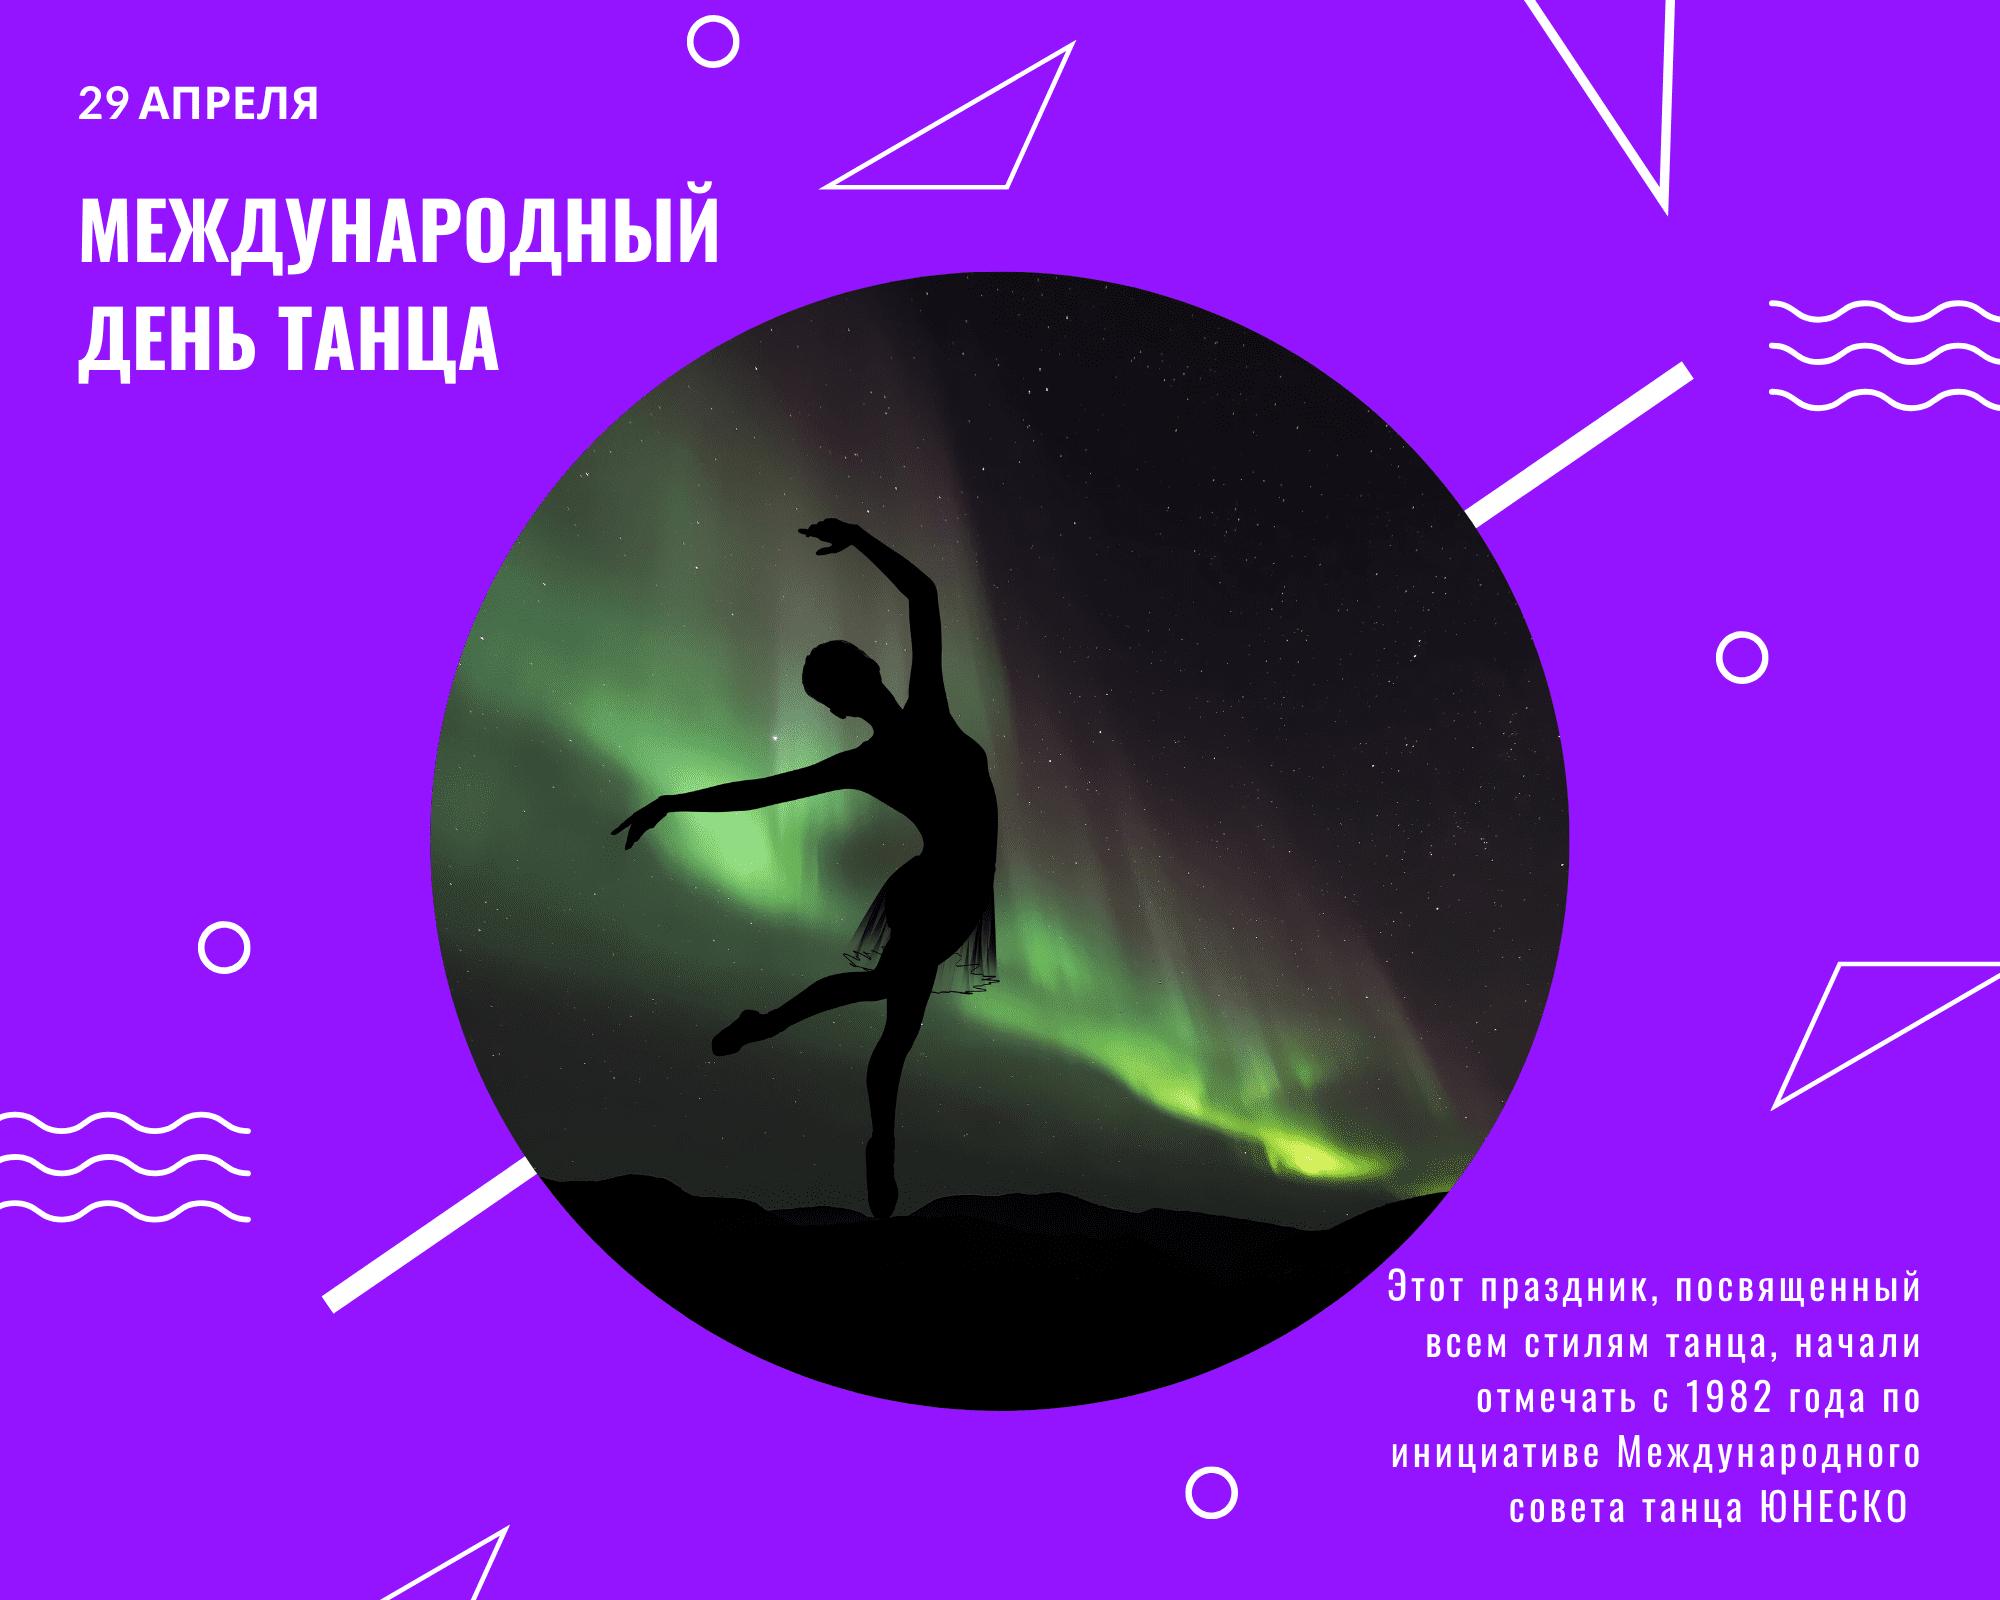 mezhdunarodnyj-den-tanca-29-aprelja